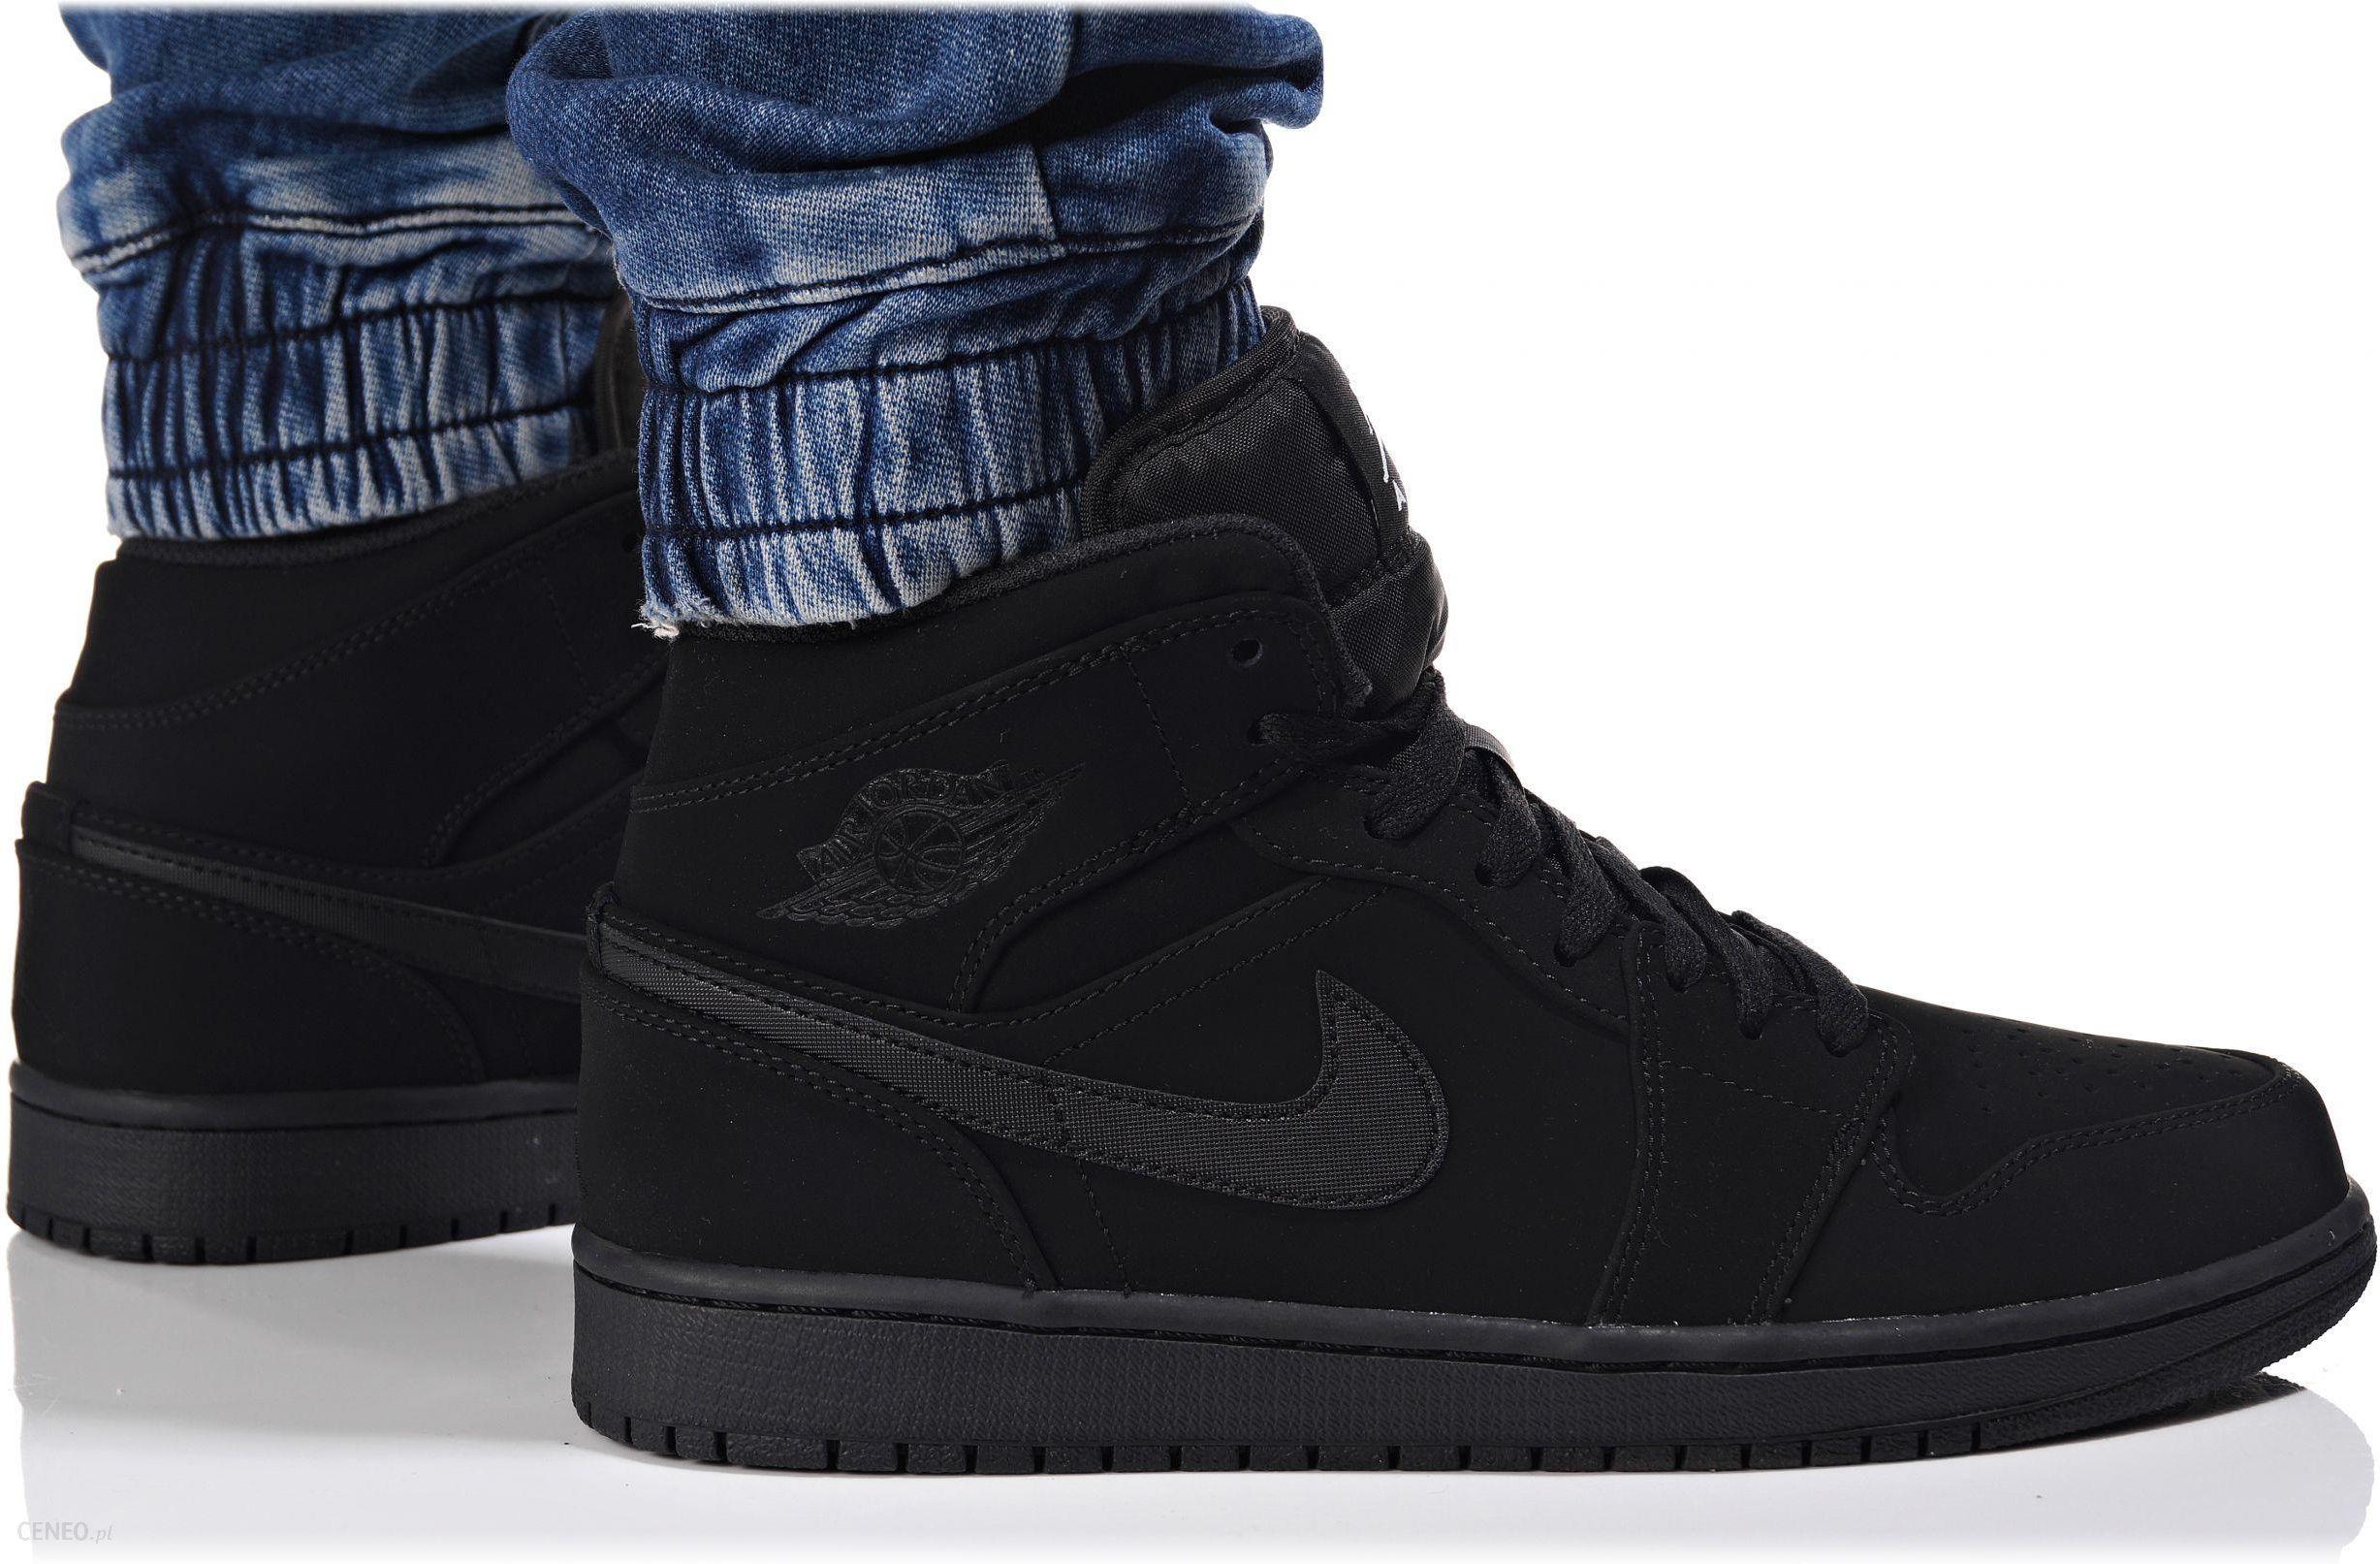 Buty Nike Air Jordan 1 MID Męskie 554724 040